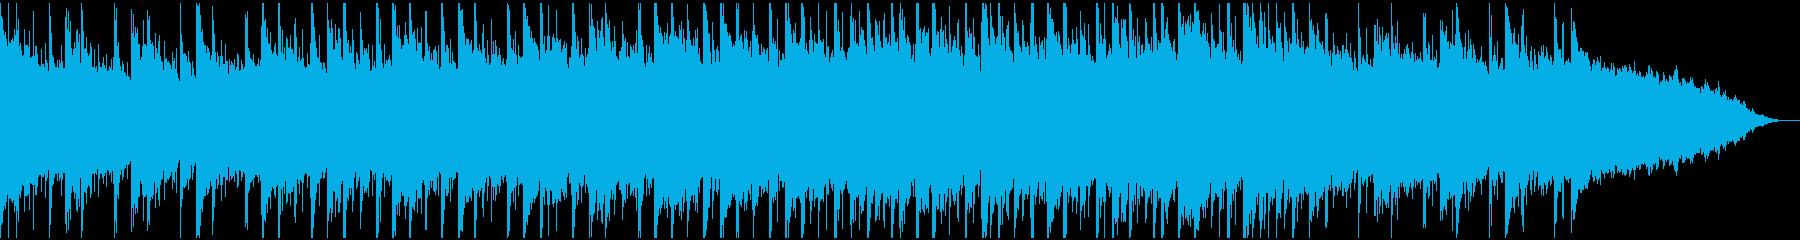 60秒企業VP11コーポレート,ゆっくりの再生済みの波形